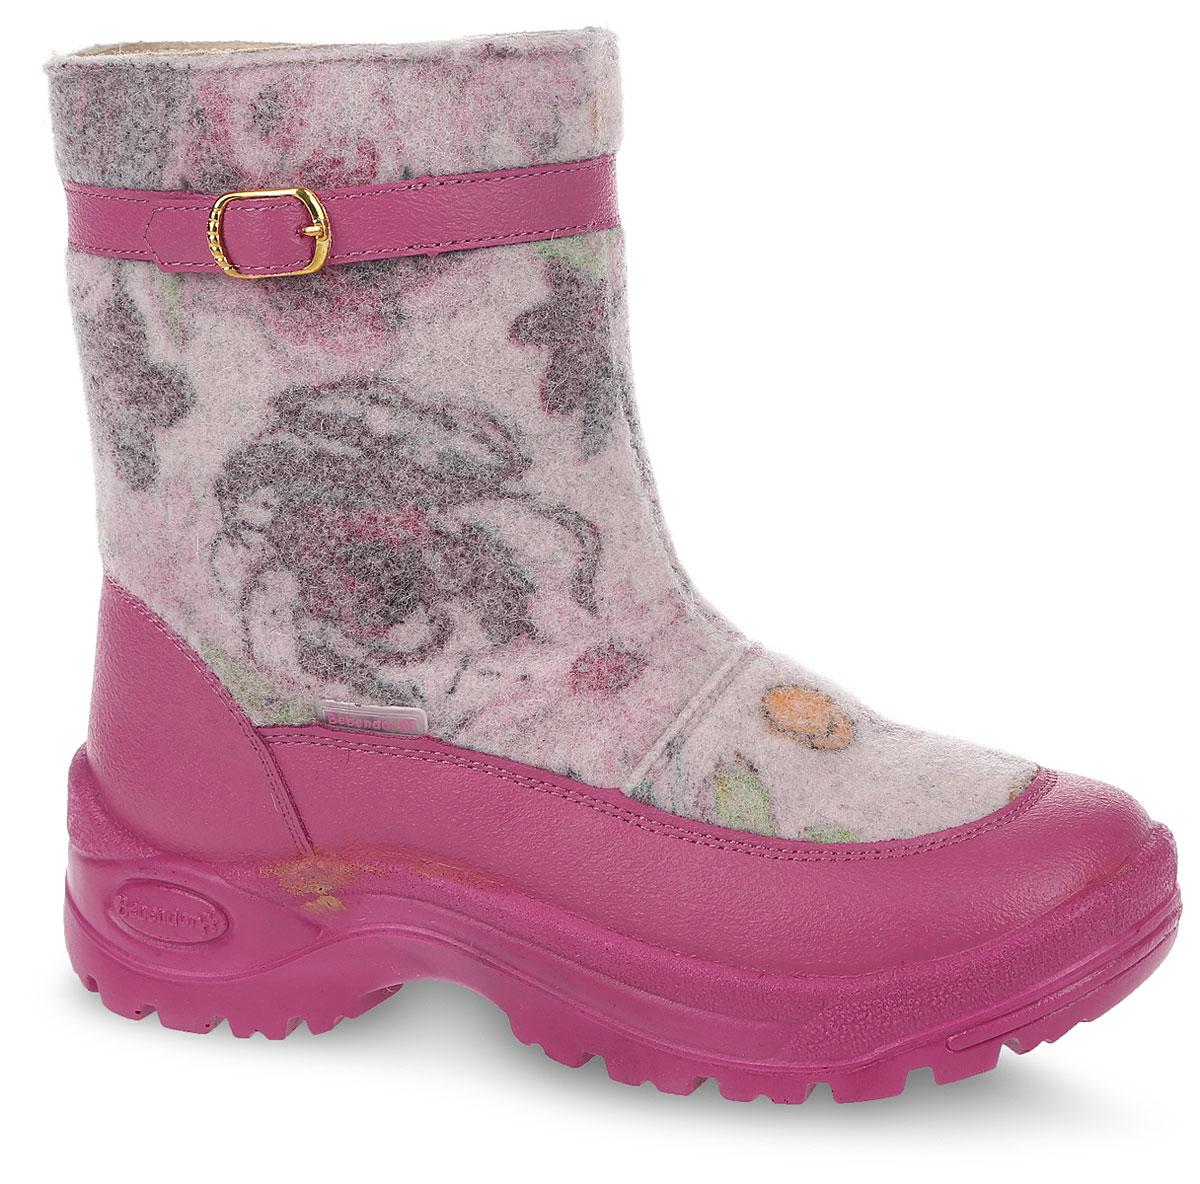 Валенки для девочки Филипок Роззи, цвет: розовый. 20355. Размер 3120355Валенки Филипок выполнены из качественного войлока. Подошва изготовлена из полиуретана и дополнена протектором, который обеспечит отличное сцепление с любой поверхностью.